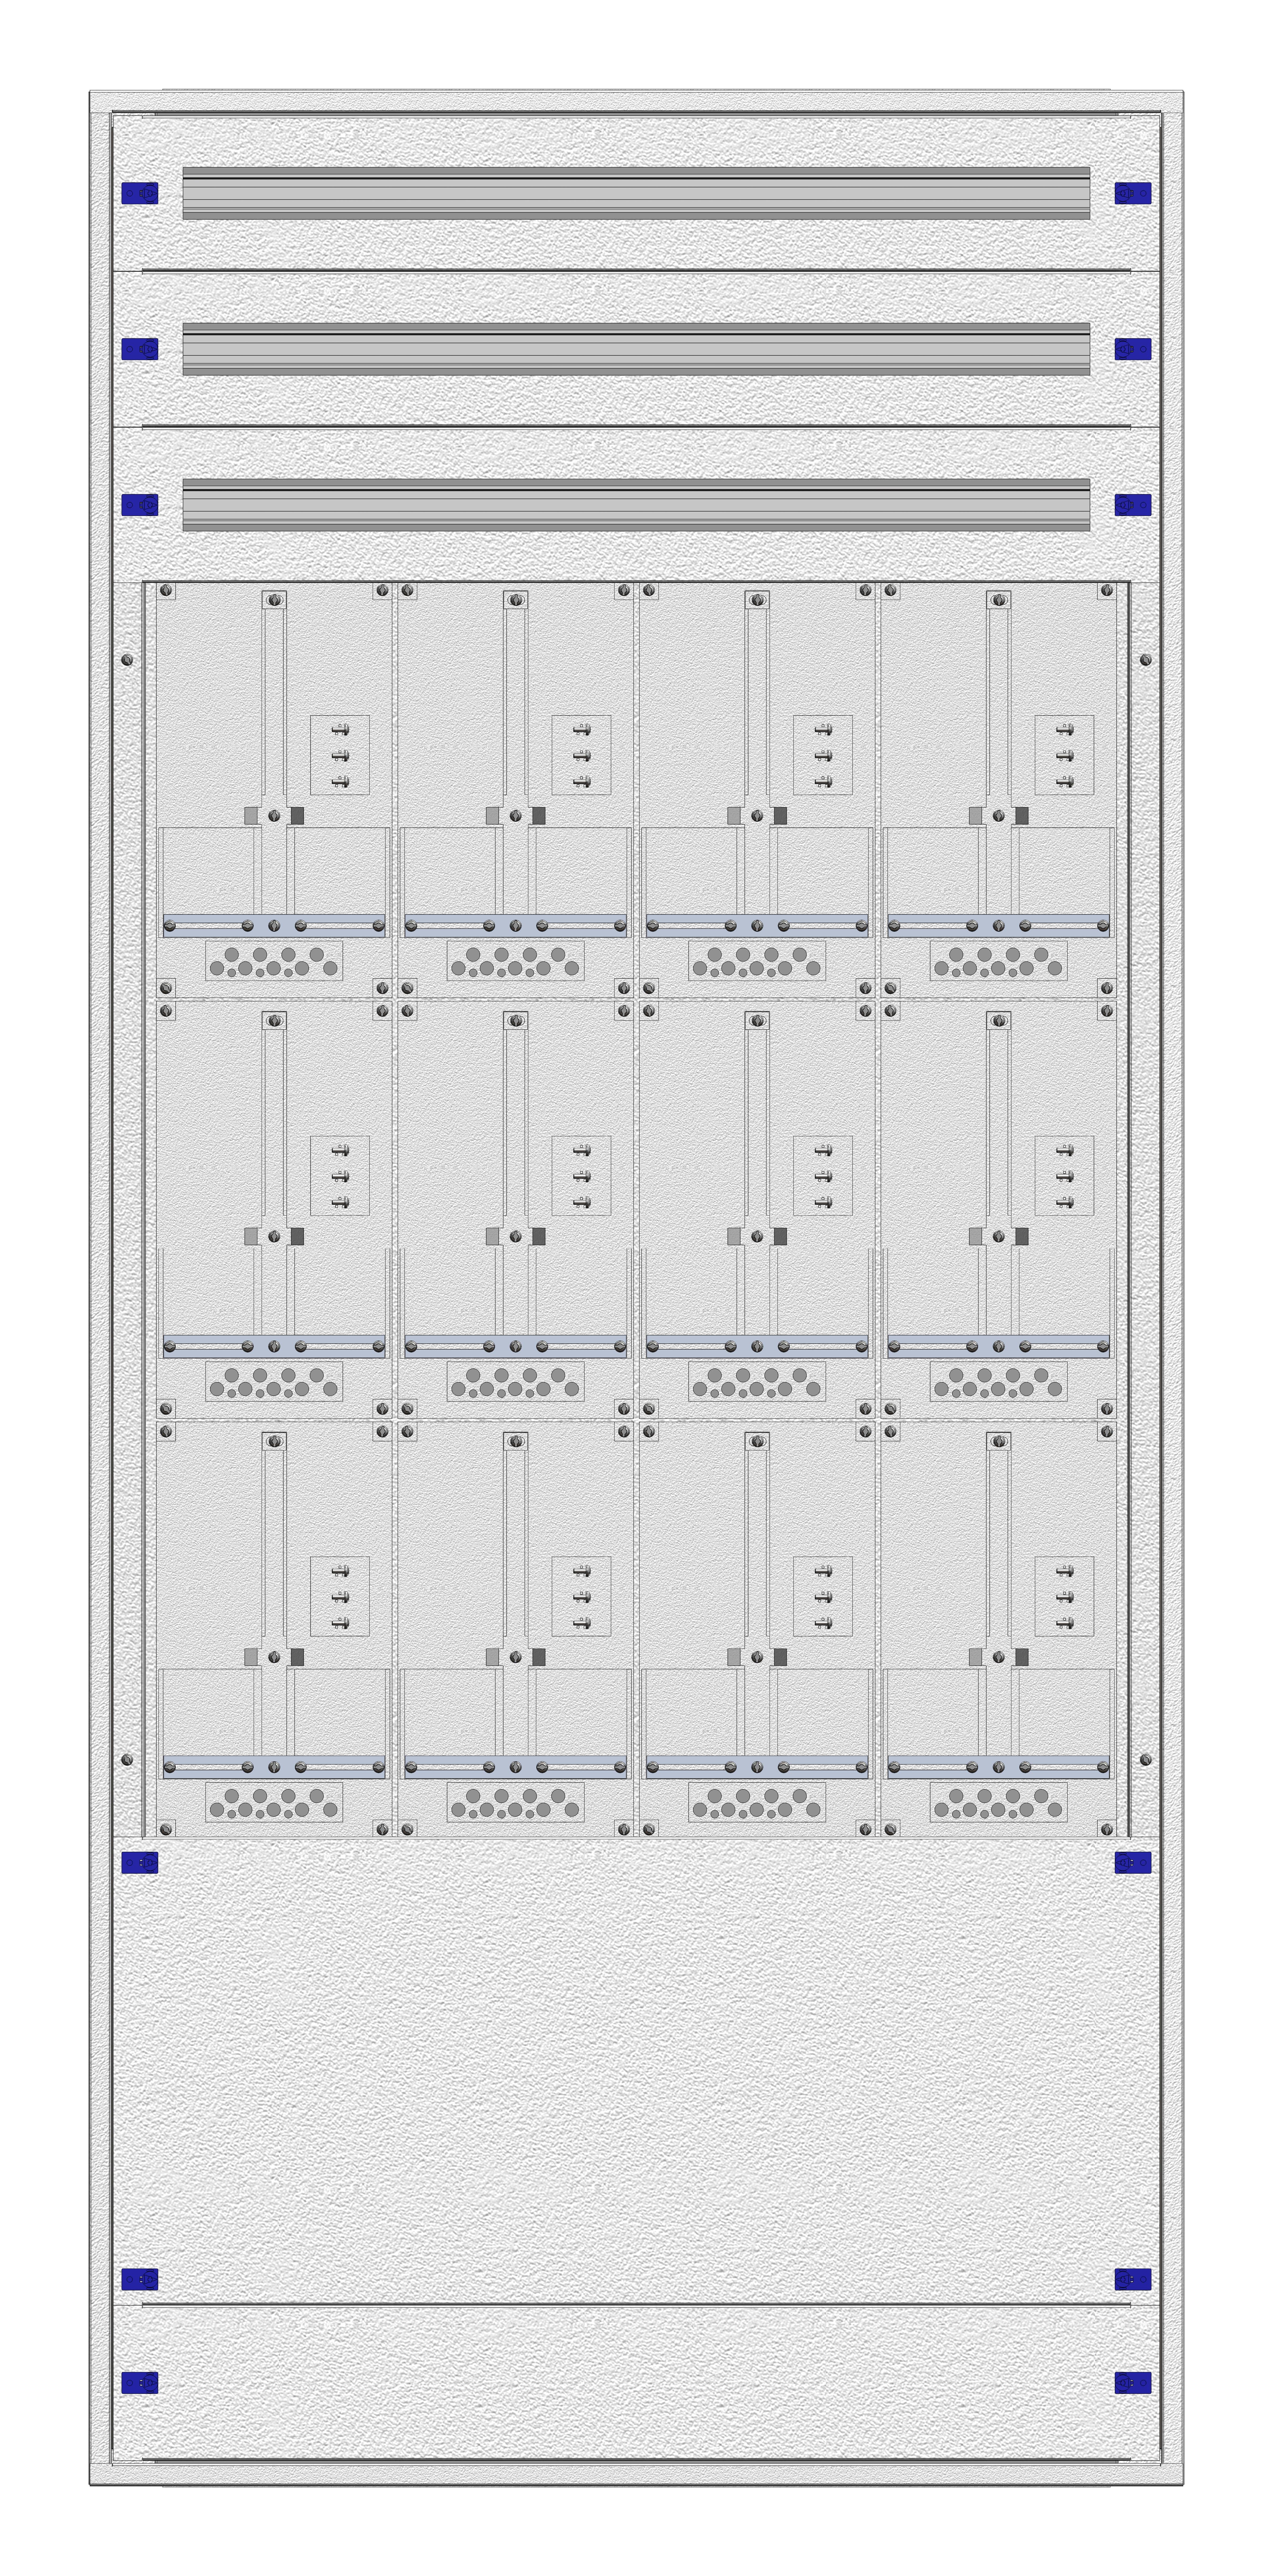 1 Stk Masken-Zählerverteiler 4M-45M/WIEN 12ZP, H2130B980T200mm IL122445WS